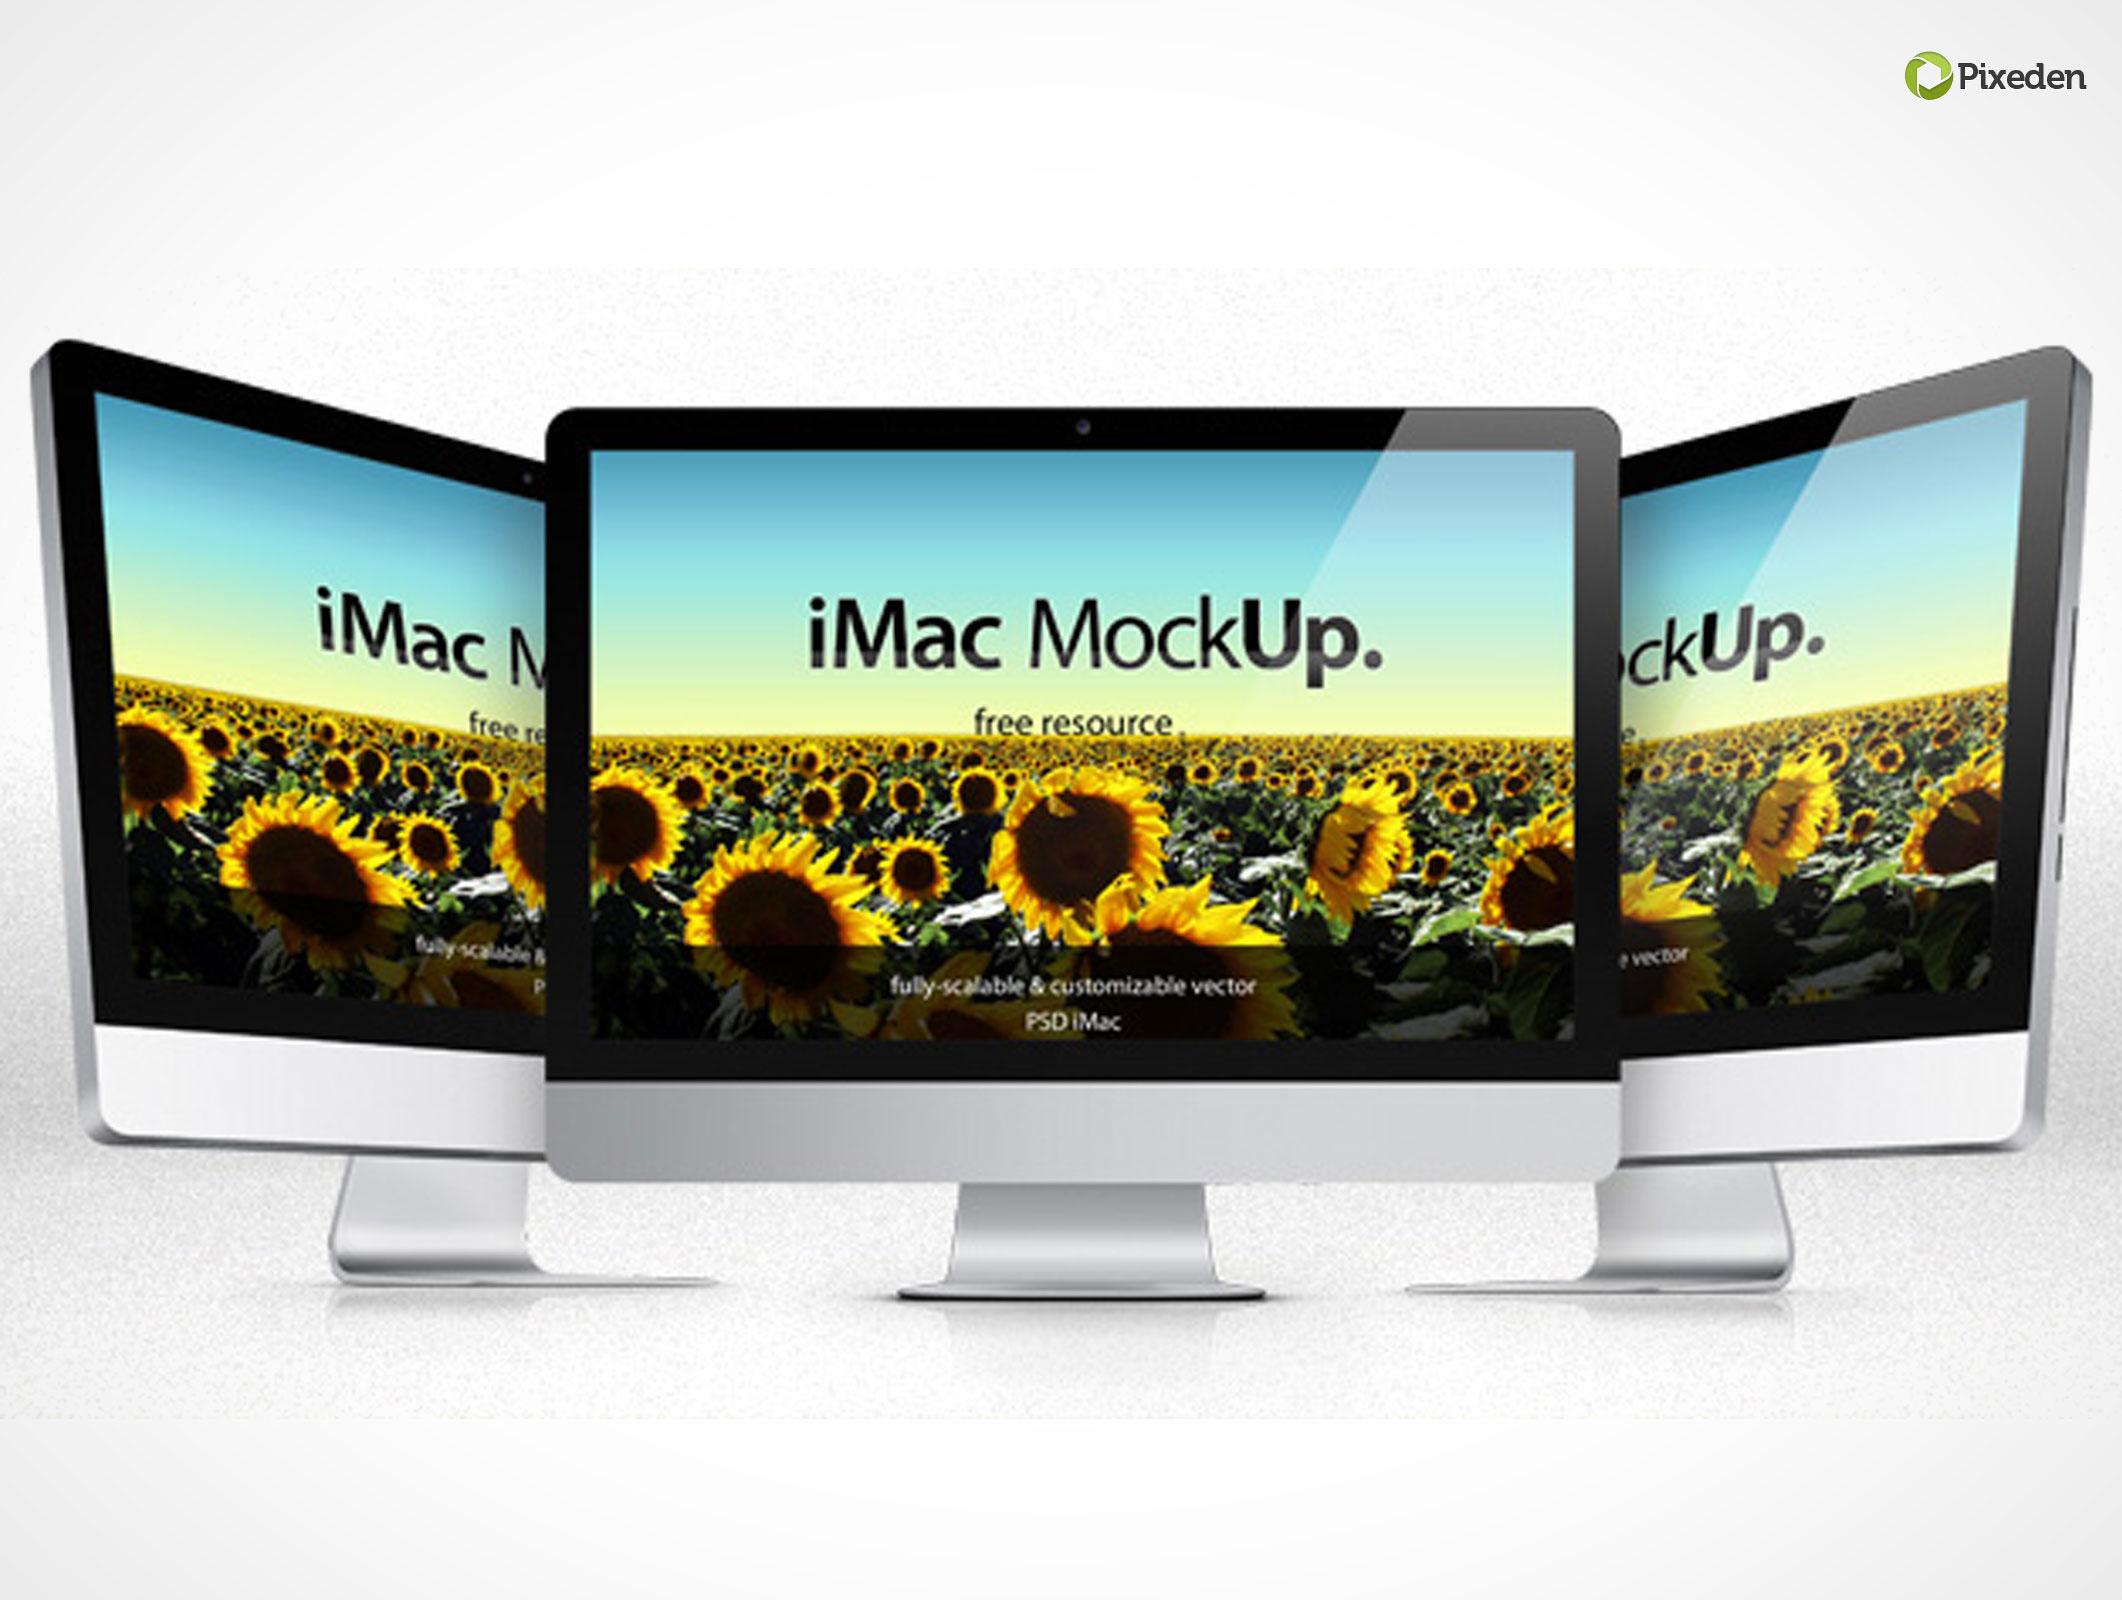 iMac Mockup PSD Template